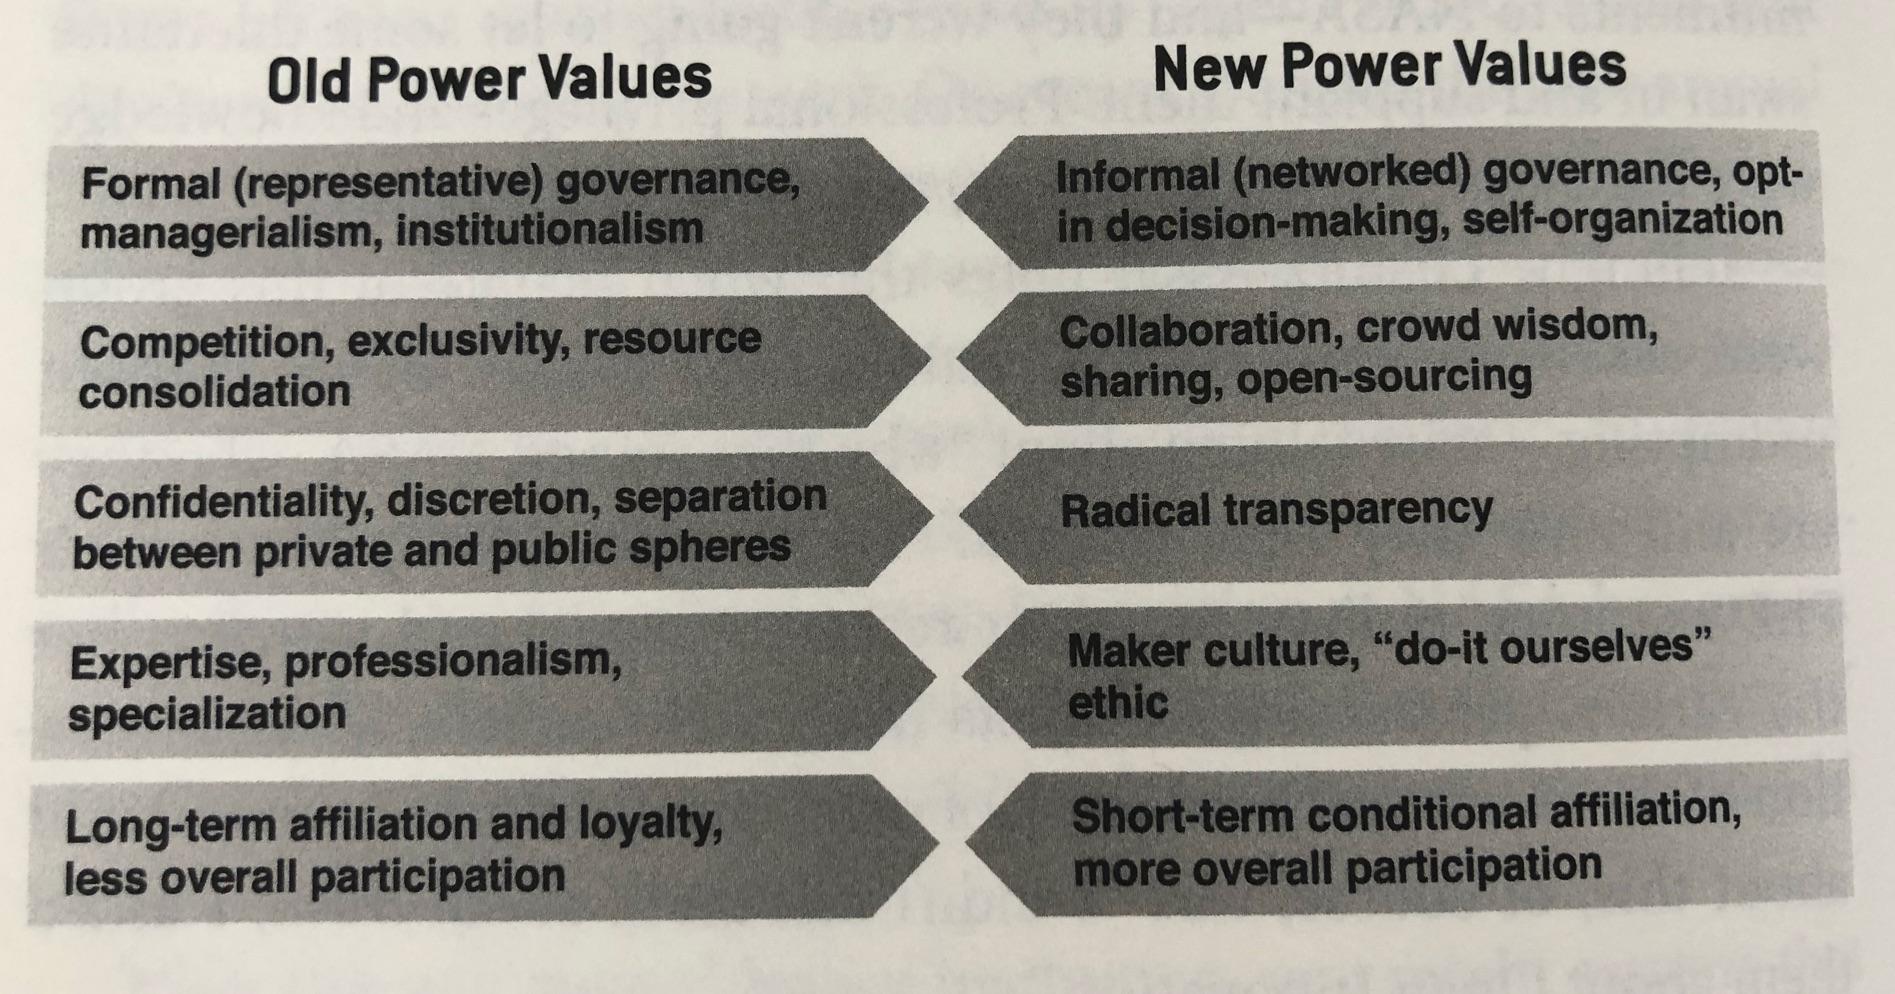 Old power values vs New power values